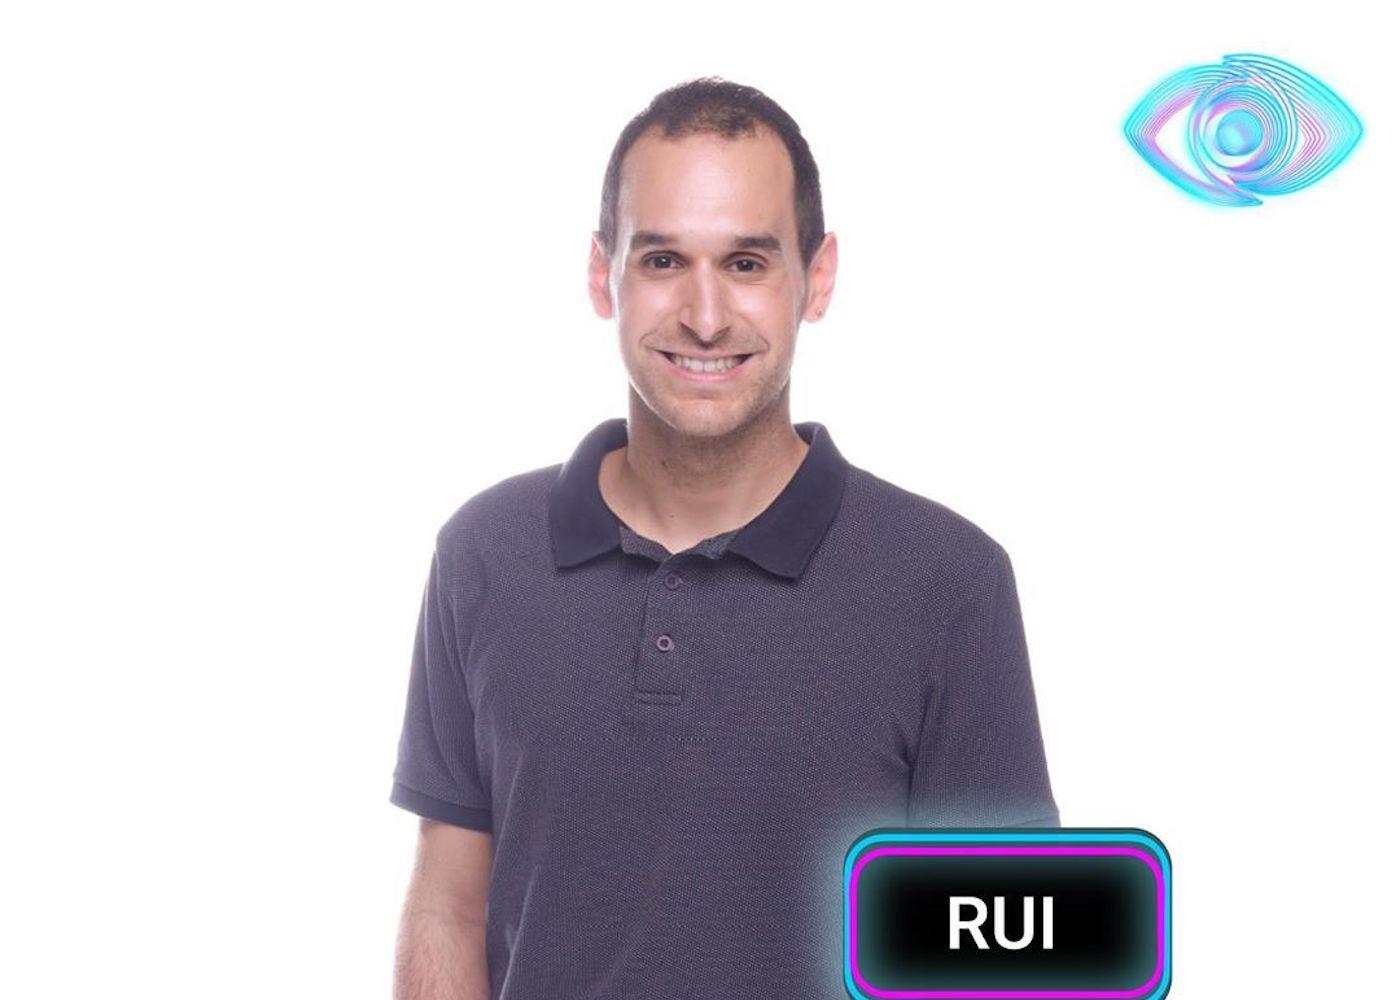 Big Brother Rui Bb2020. Rui Recebe Surpresa À Entrada Na Casa